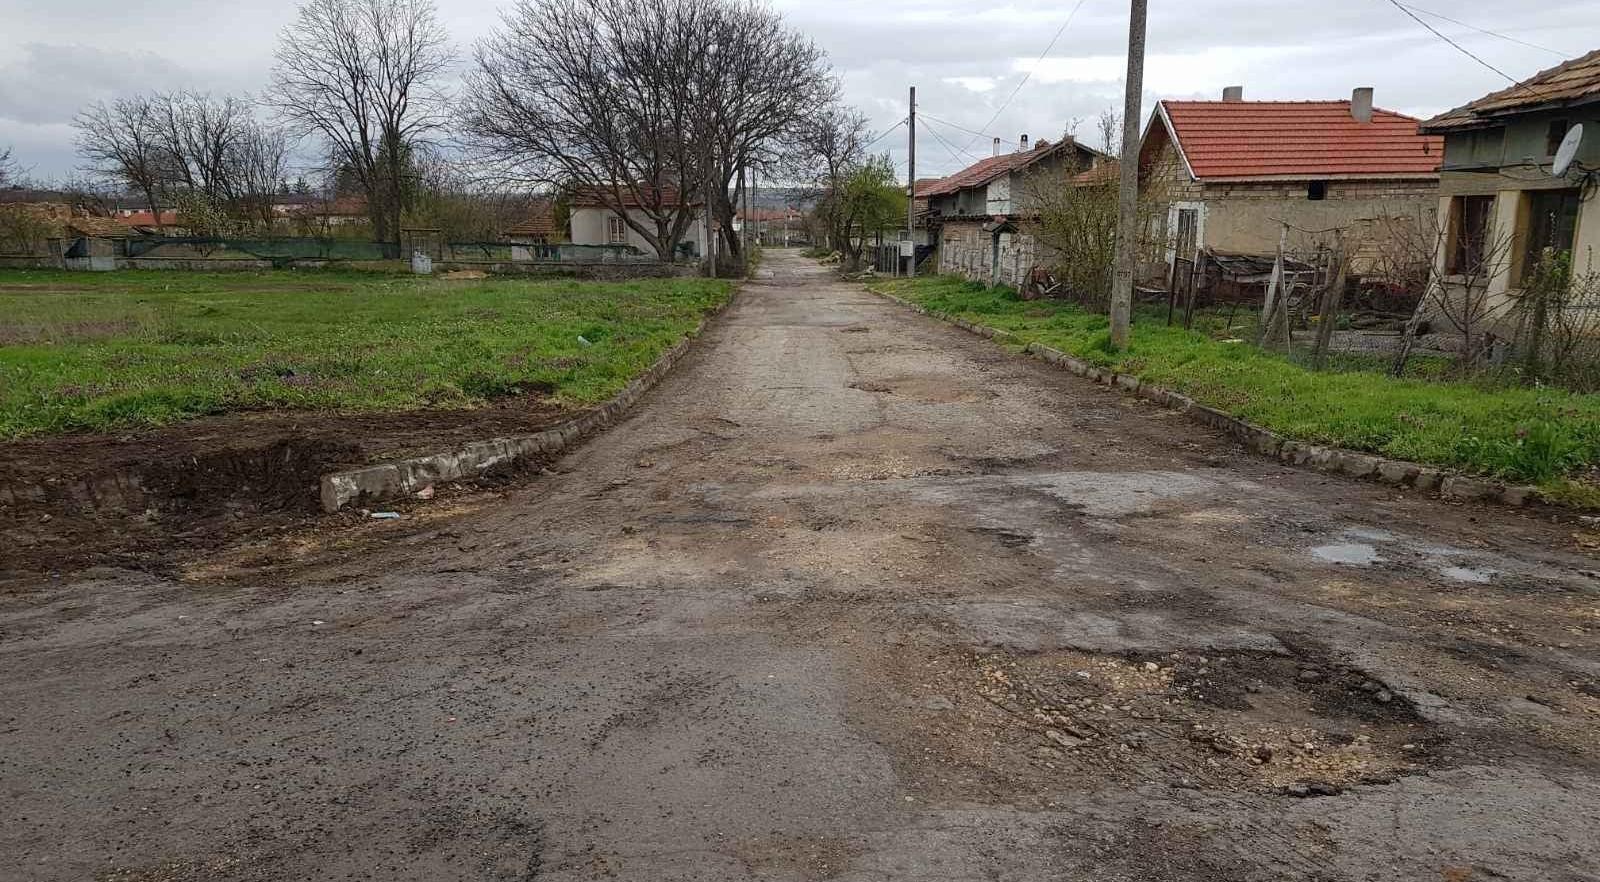 Започва основен ремонт на второстепенна улична мрежа в Суворово